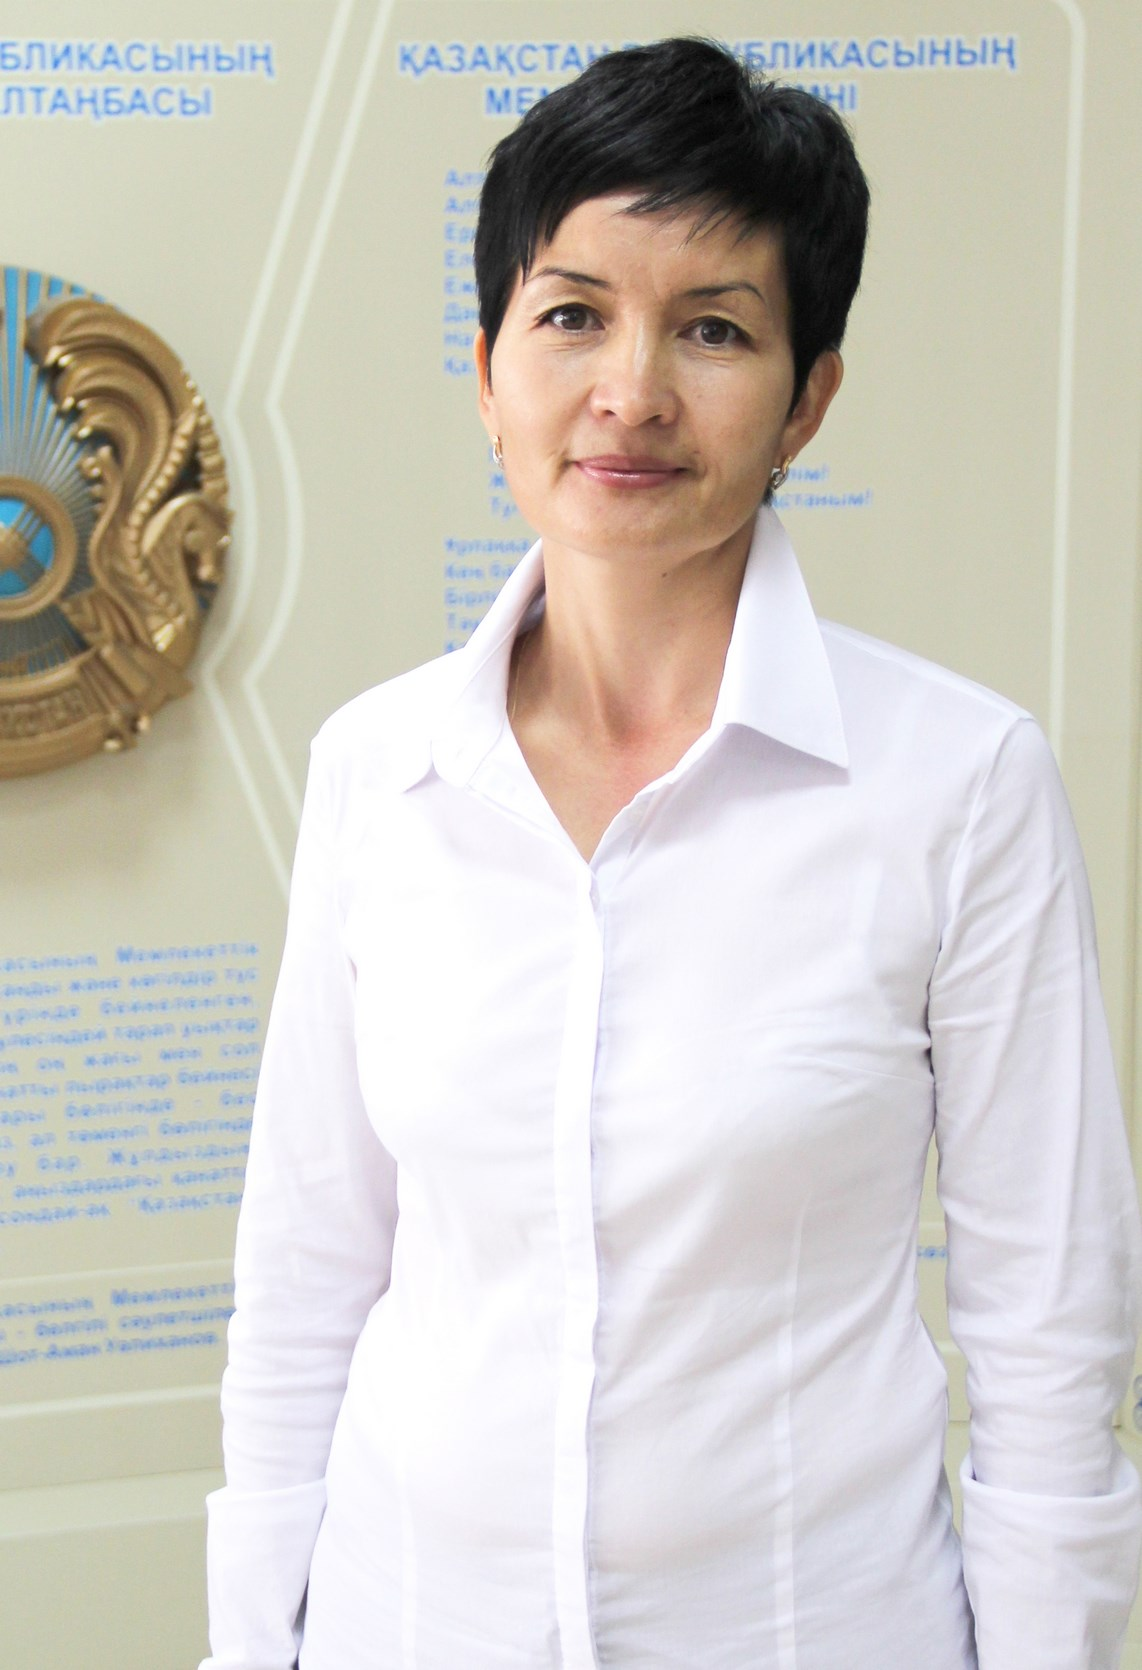 Абданбаева Аккогершин Абайевна